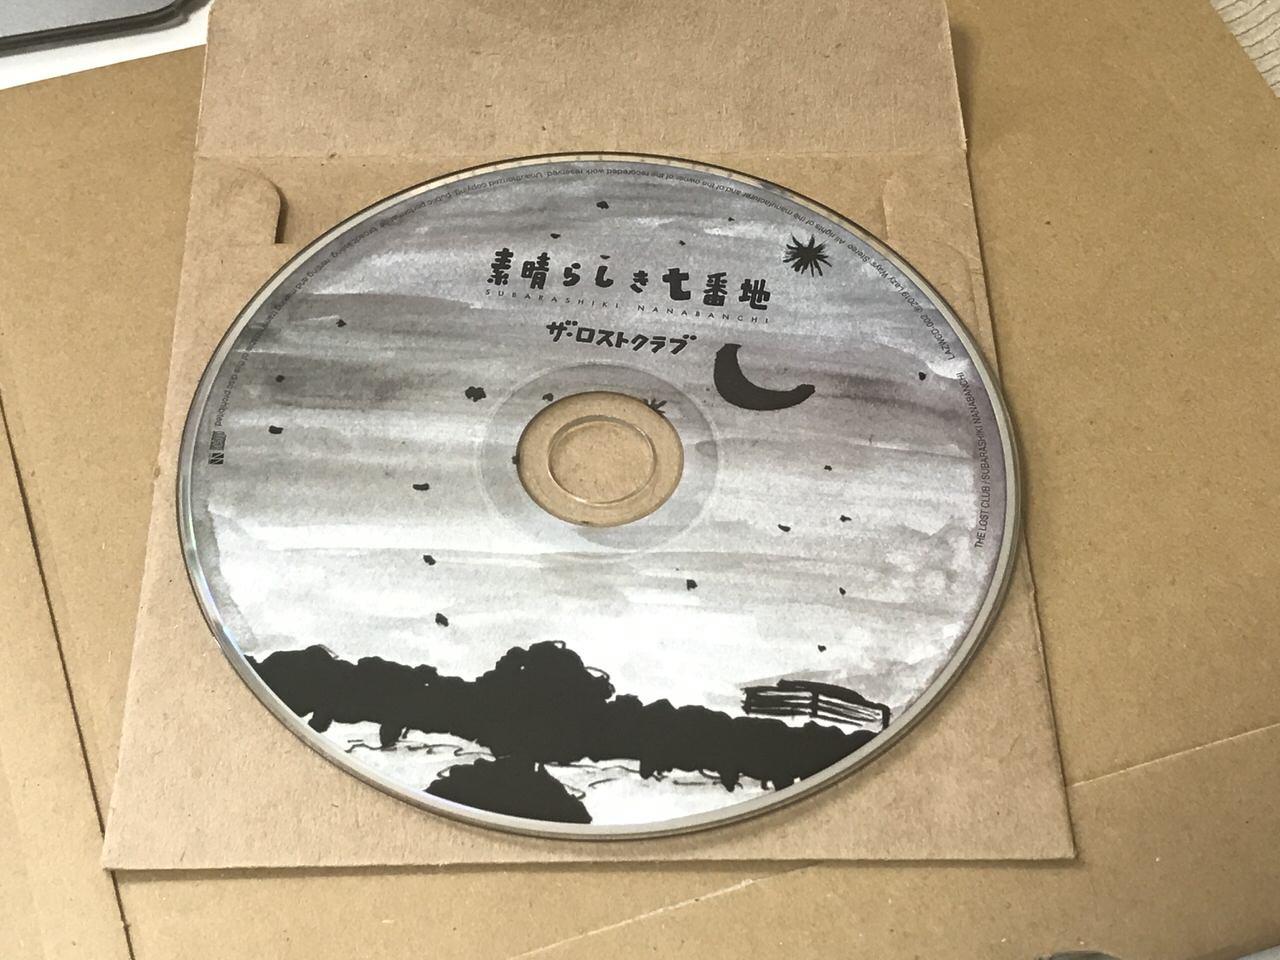 AppleのCM曲にもなったTHE LOST CLUBがマンガとCDをセットにした「素晴らしき七番地」をリリース